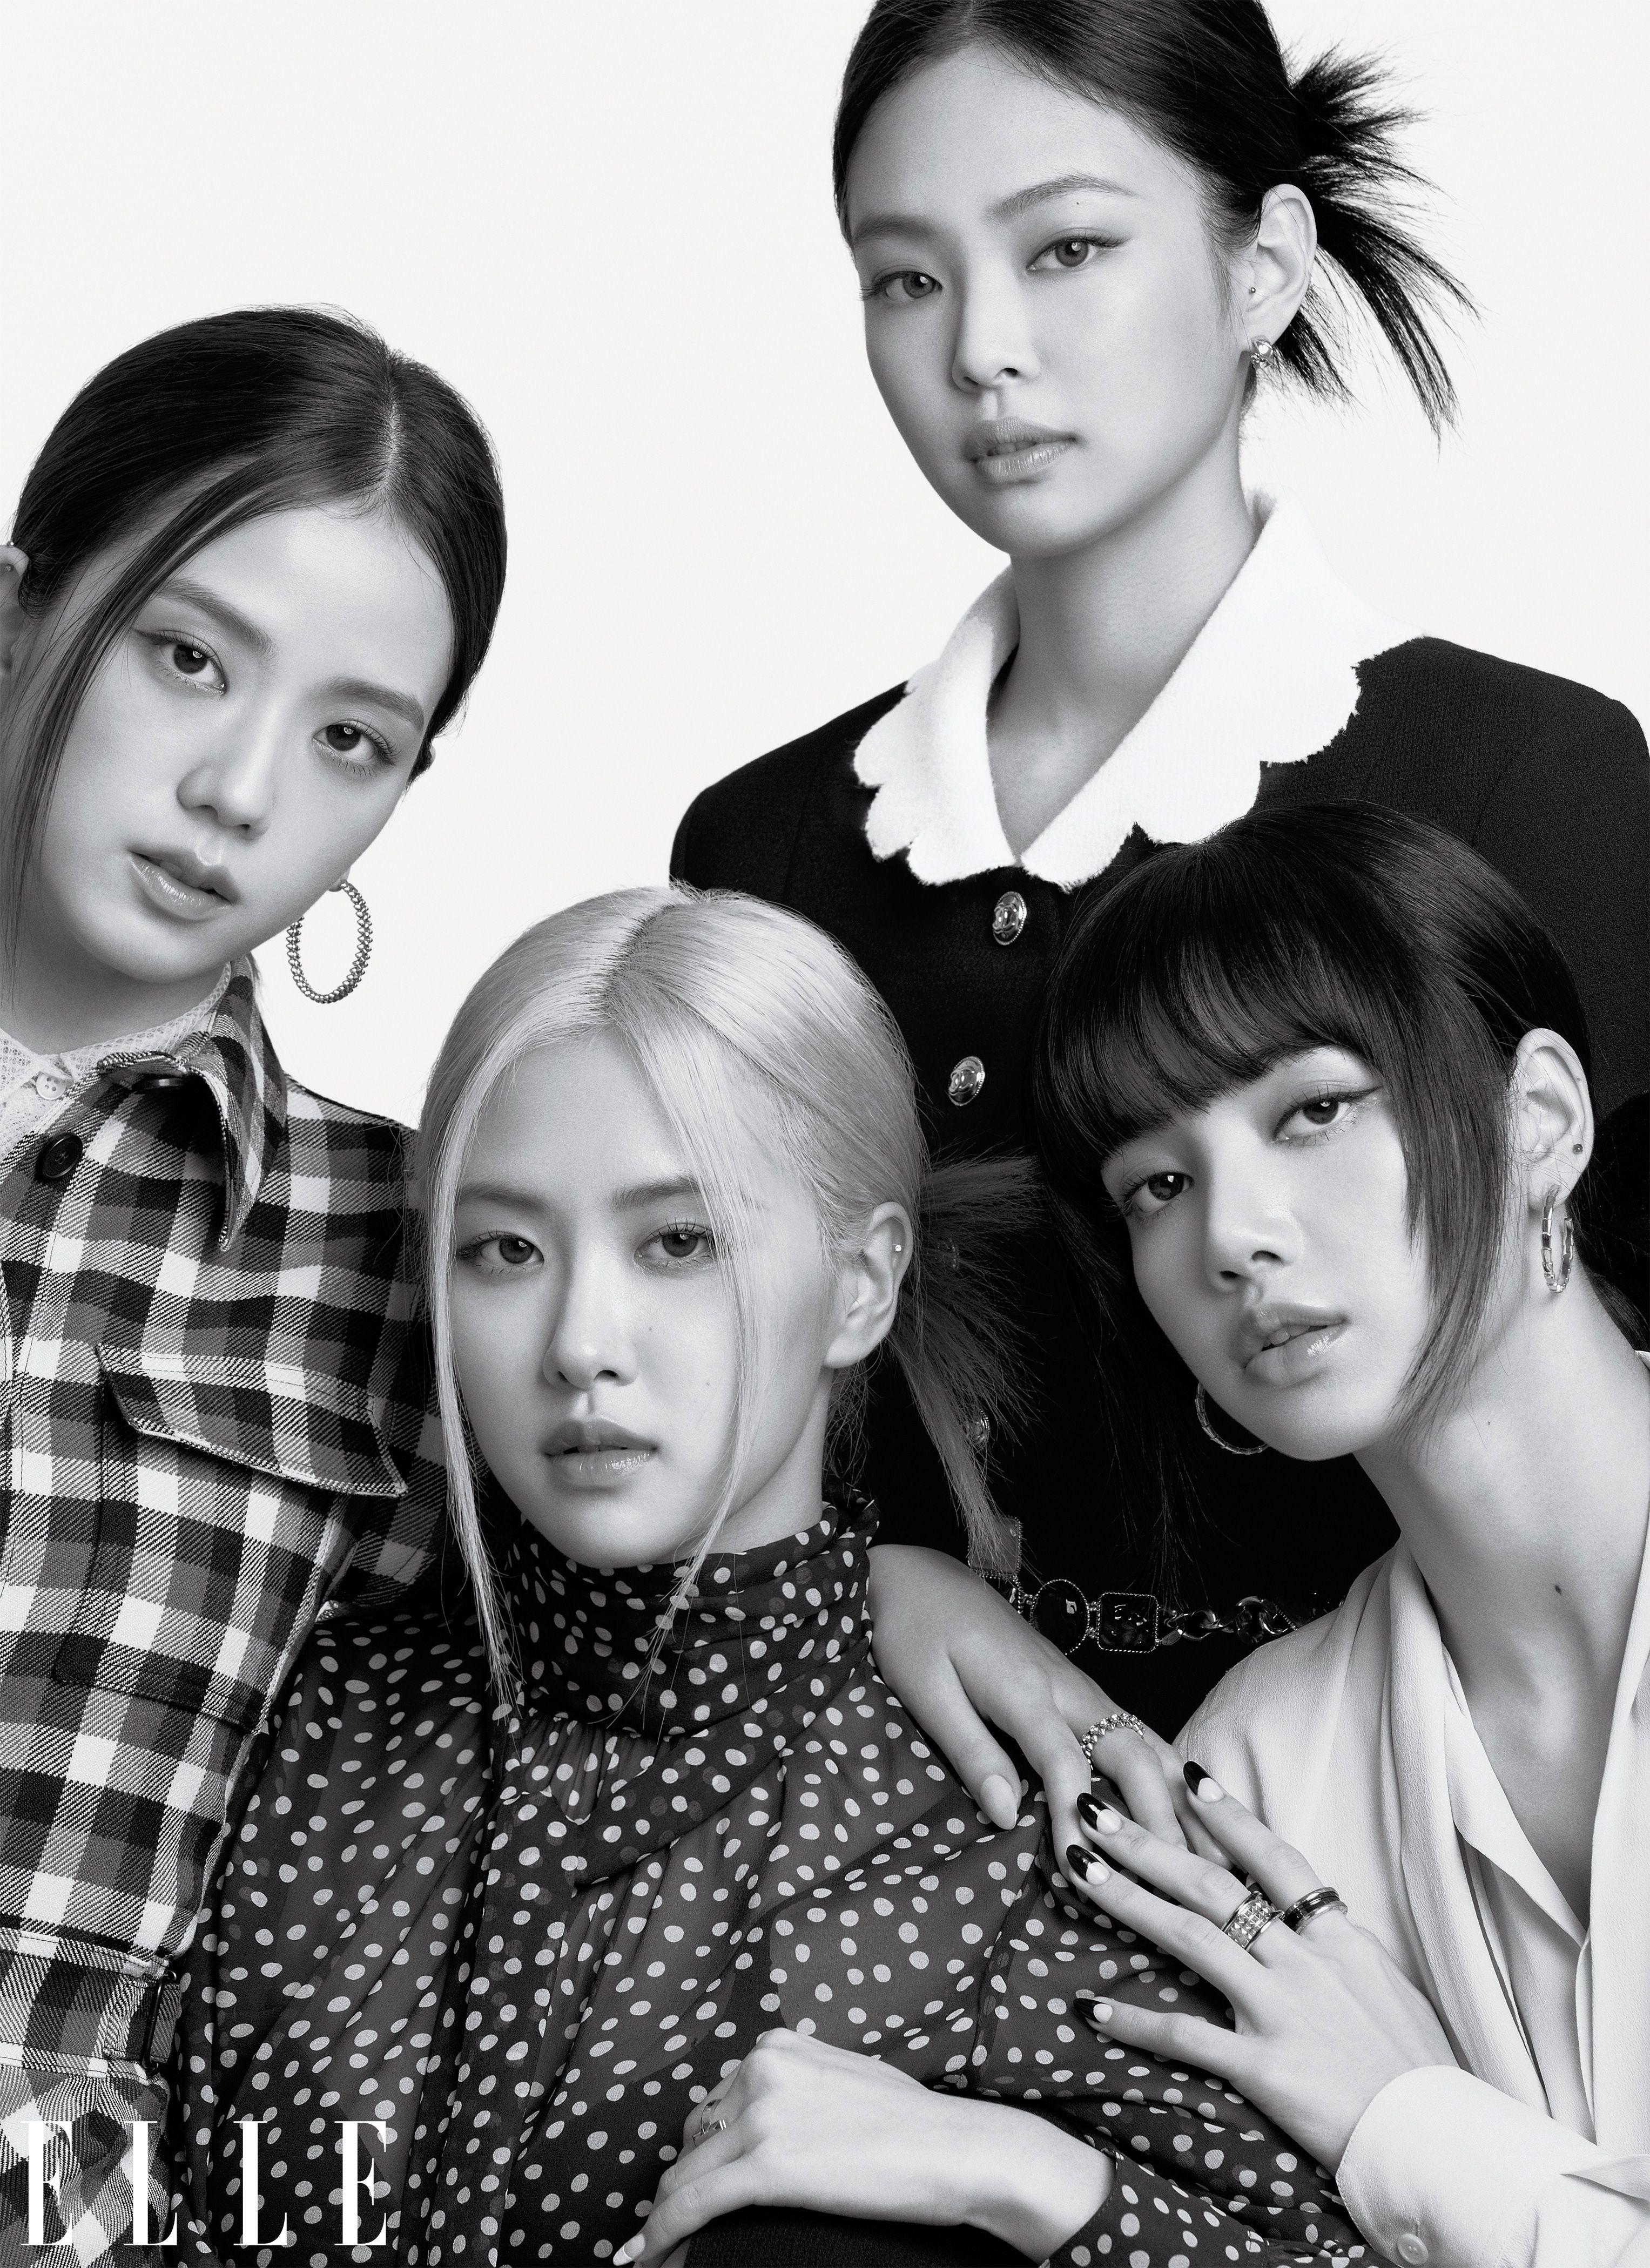 Blackpink Elle October 2020 Photoshoot (HD/HQ/HR) - K-Pop Database / dbkpop.com